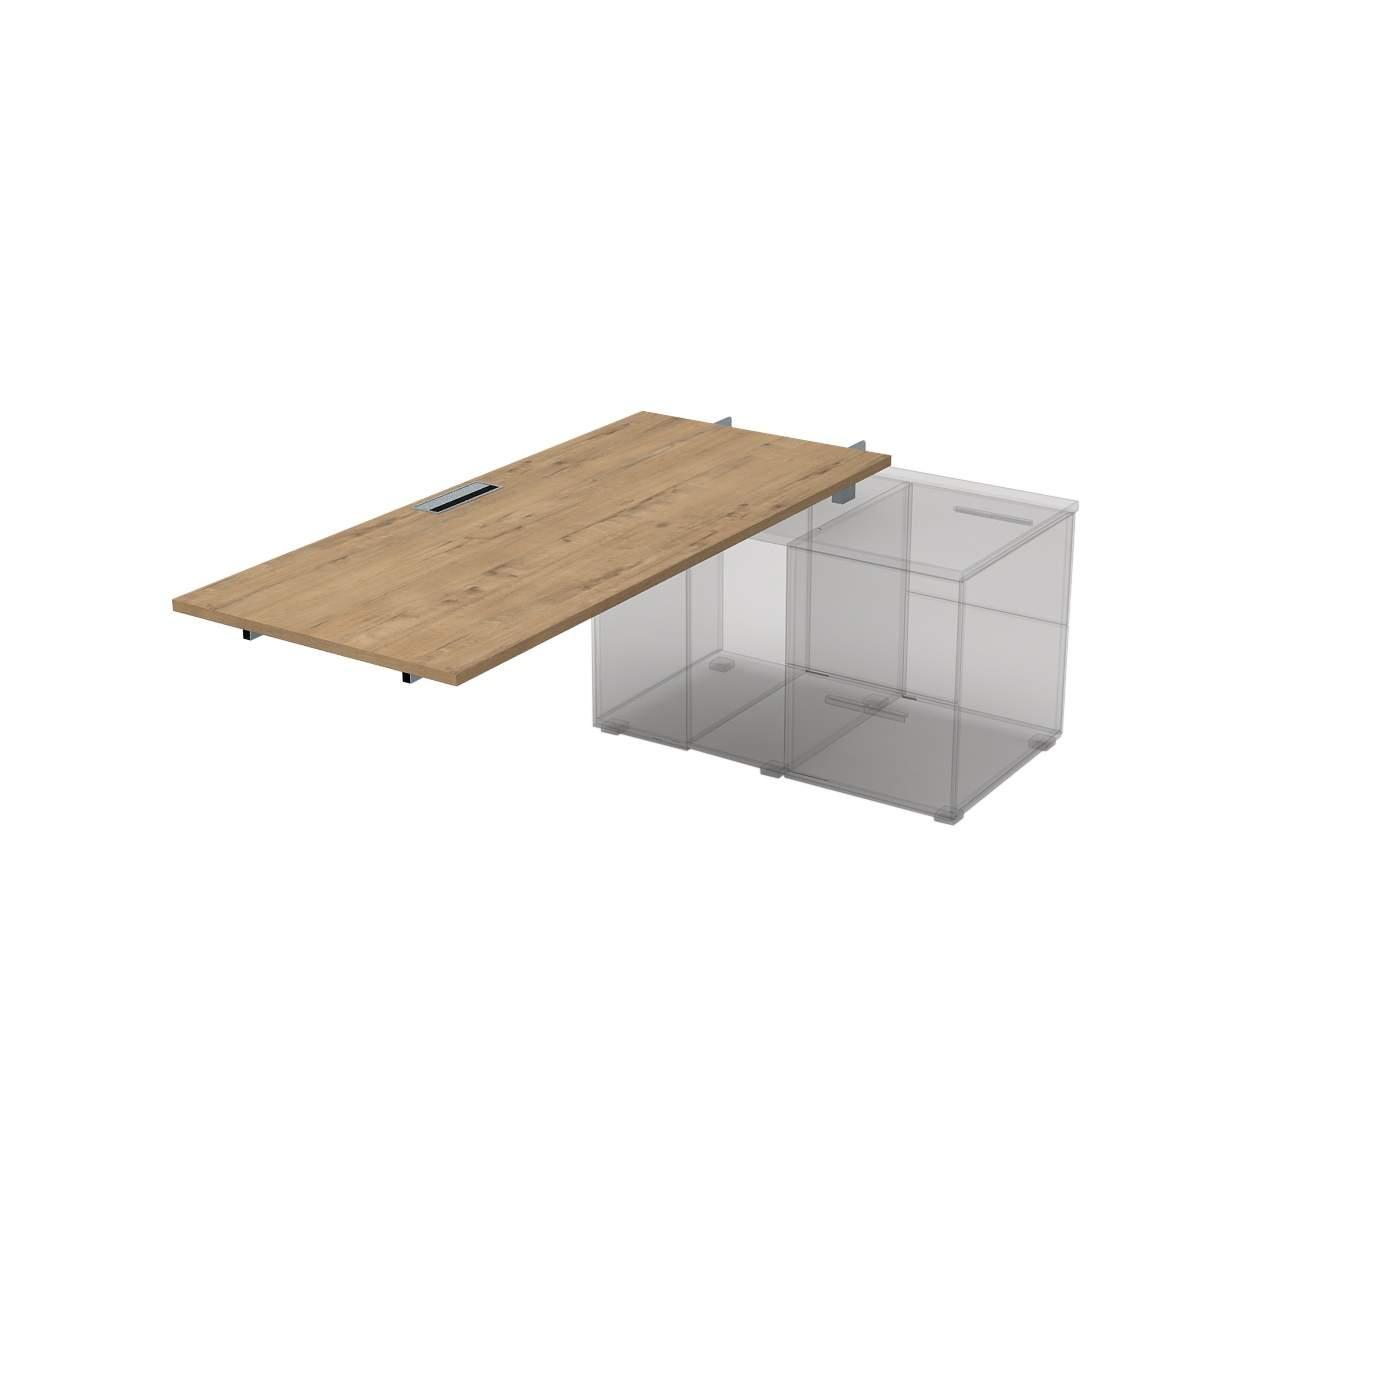 Стол для крепления на тумбу, средний модуль 1400х800х750